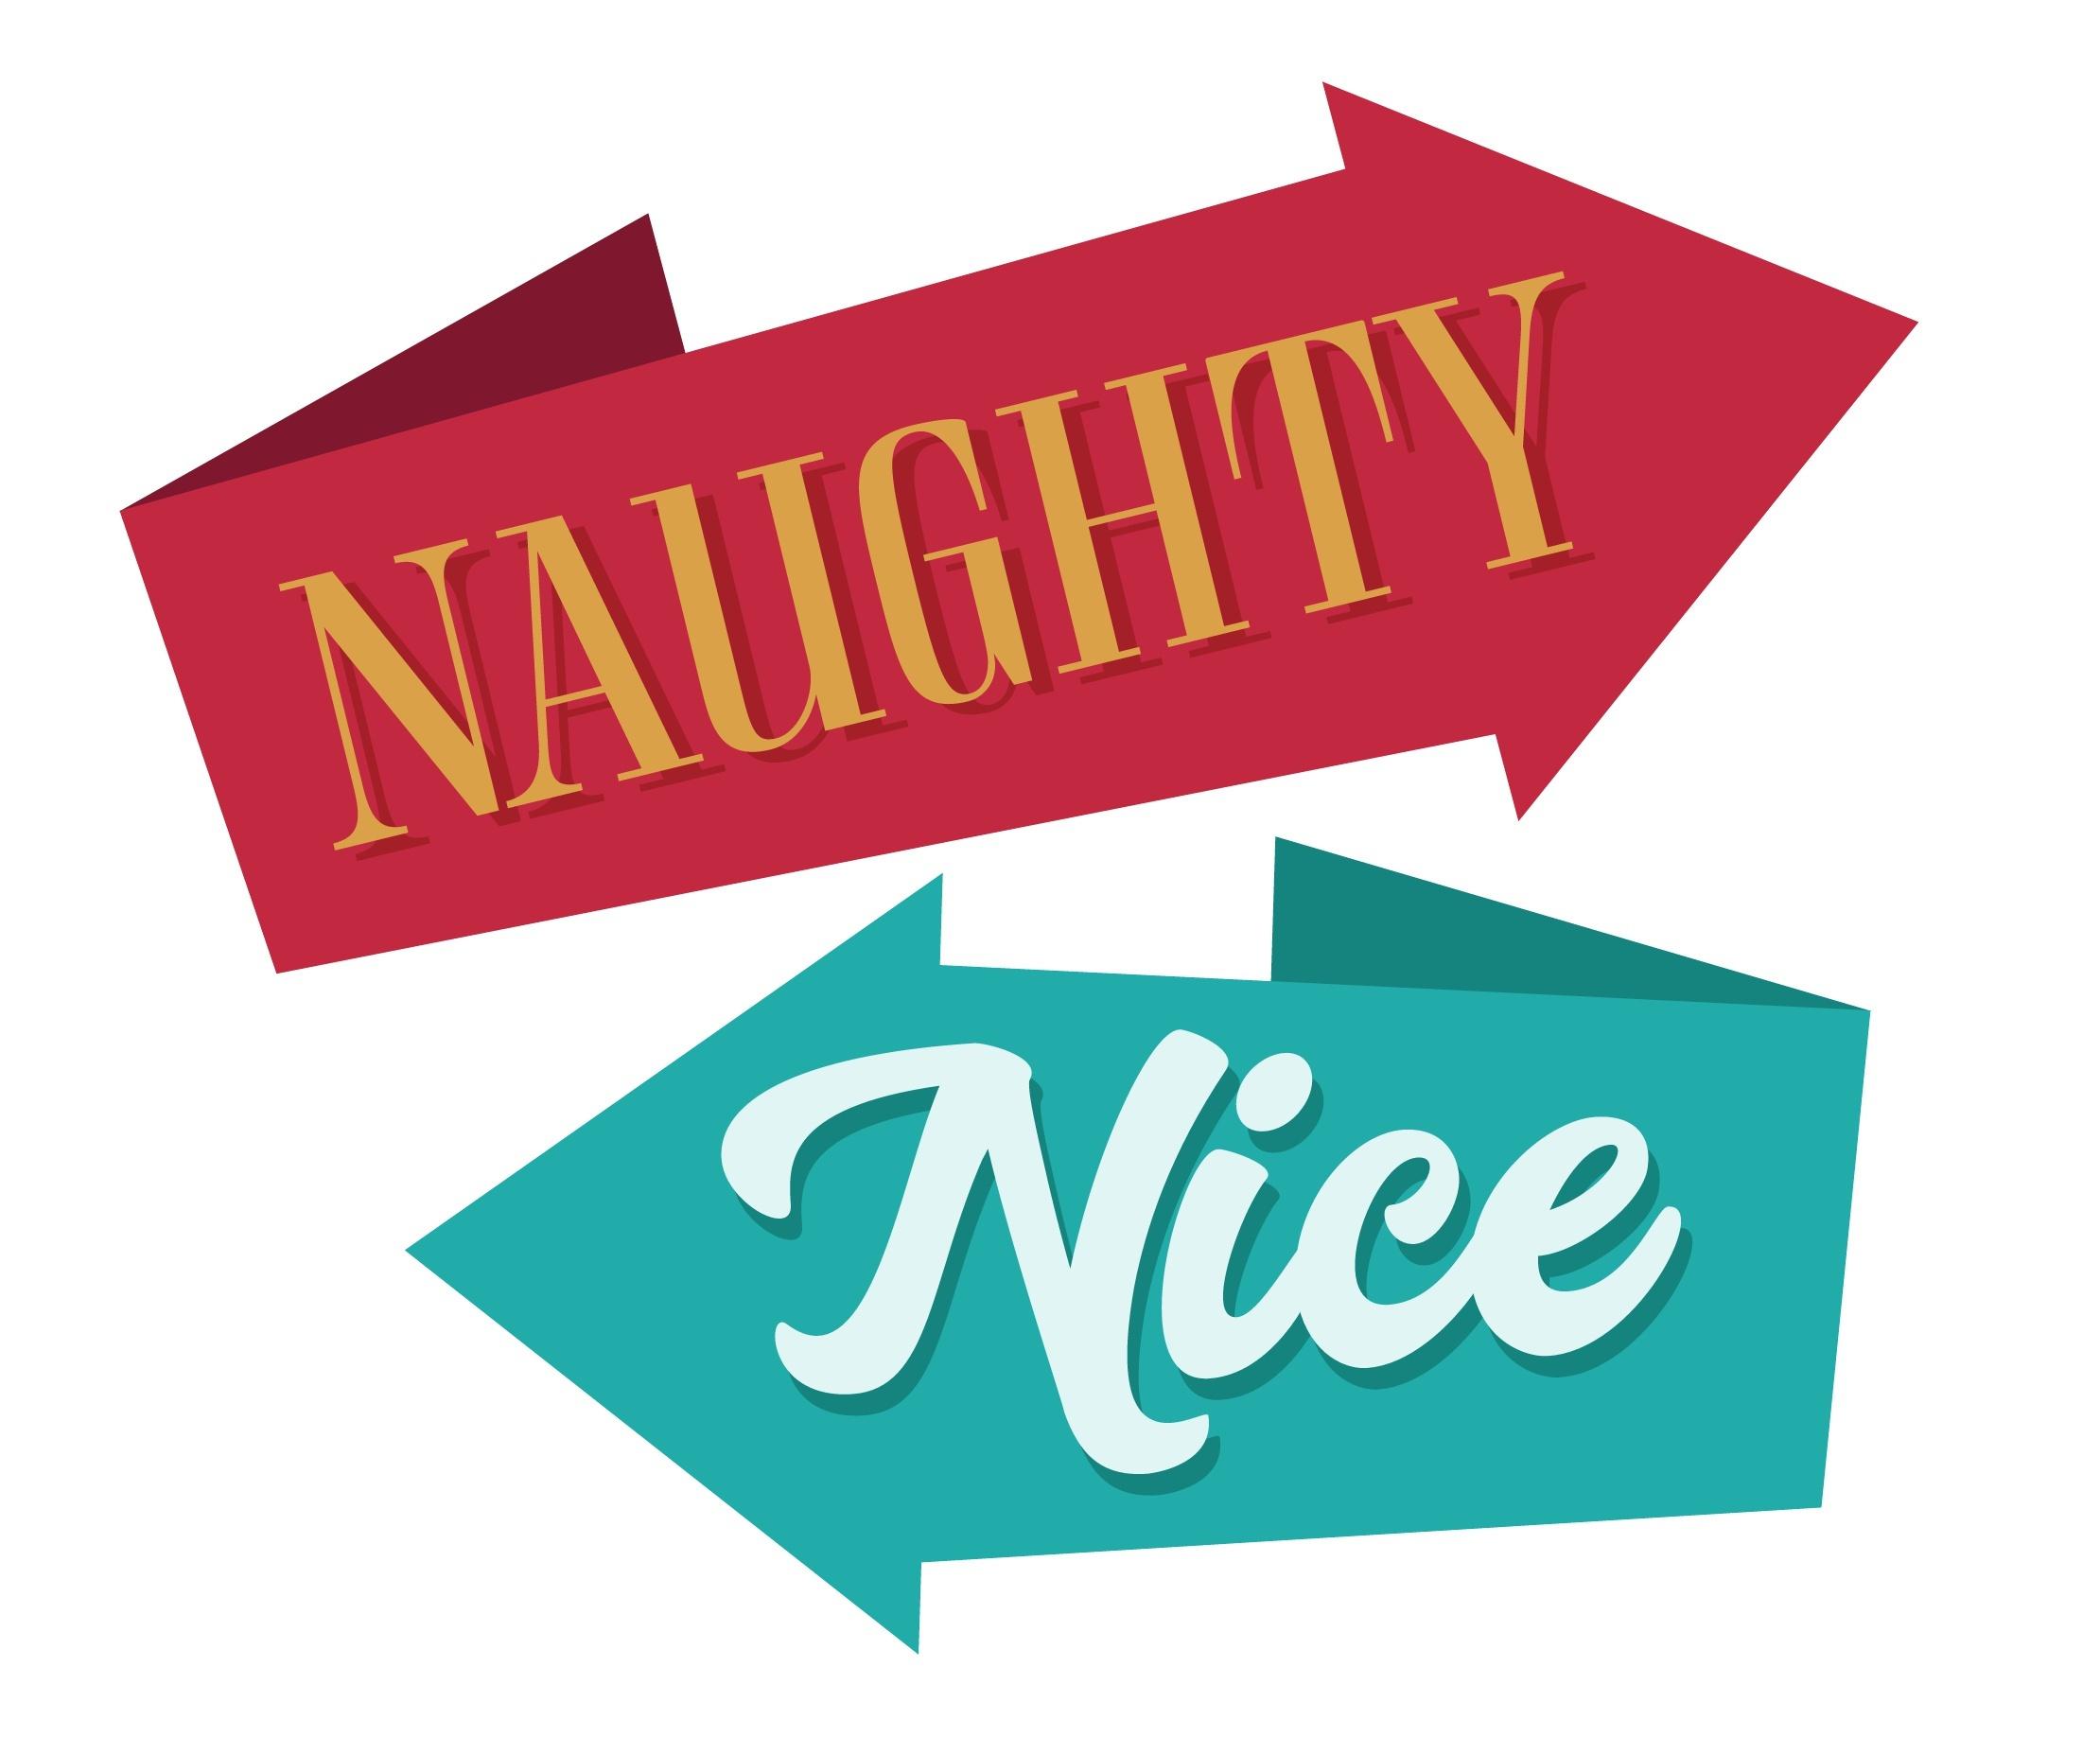 Free Printable Christmas Photo Booth Props | Catch My Party - Free Printable Photo Booth Props